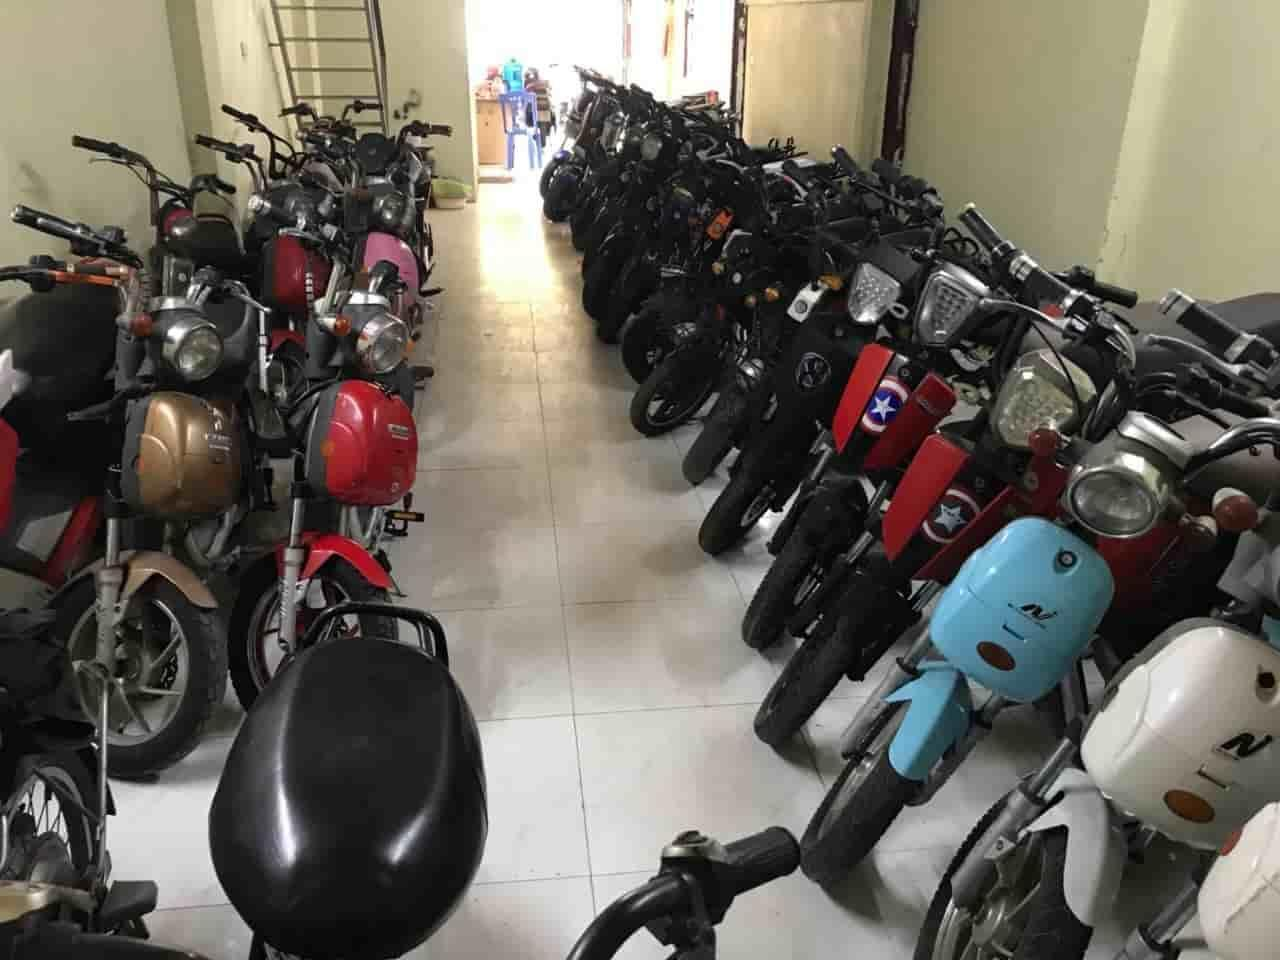 xe đạp điện cũ tại Liễu Giai - Ba Đình - Hà Nội